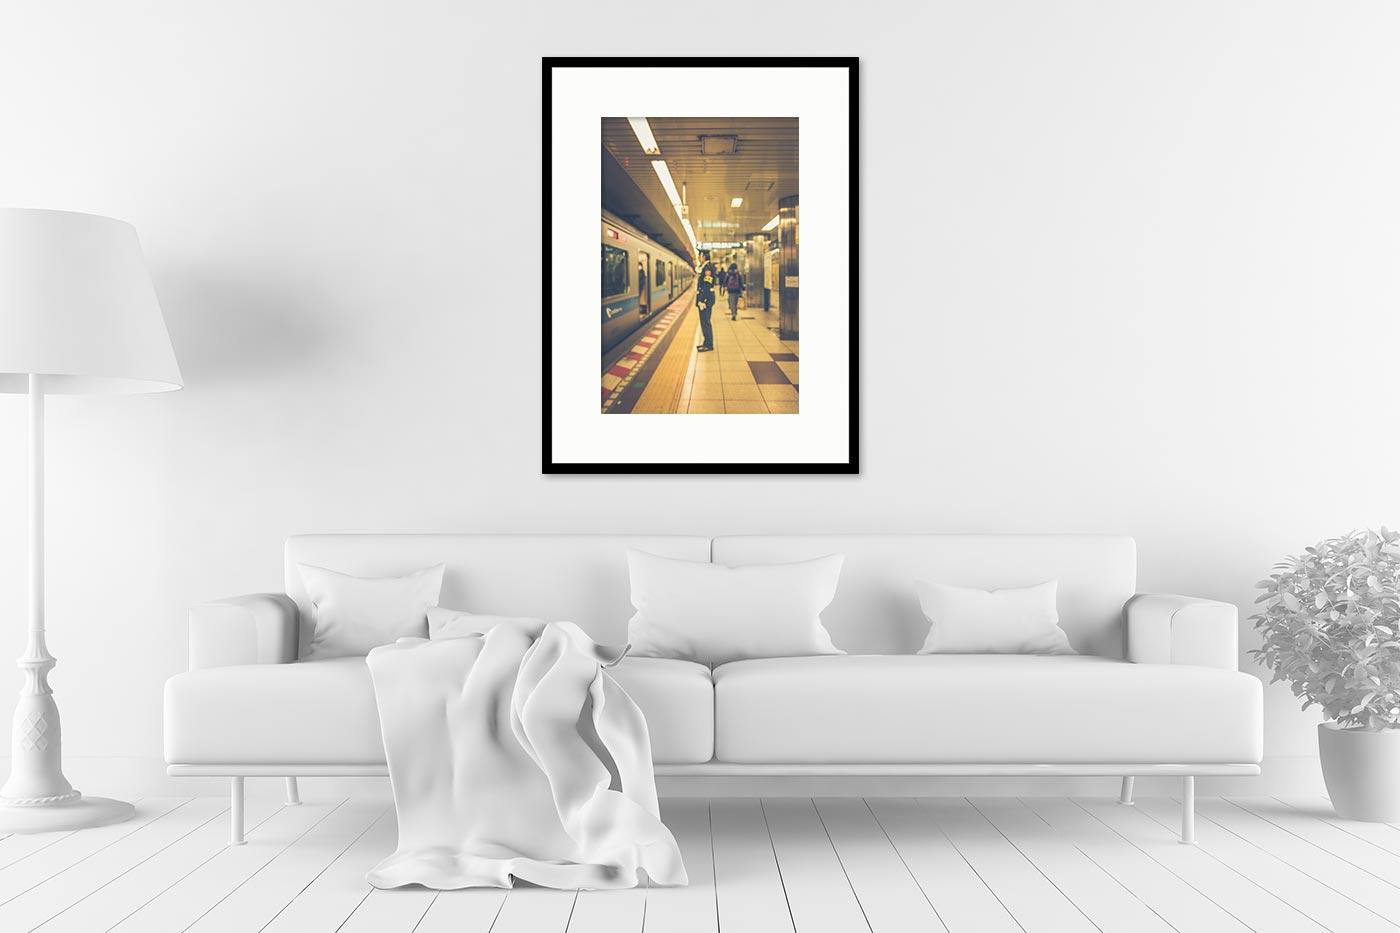 Cadre galerie 60x80 Blurred